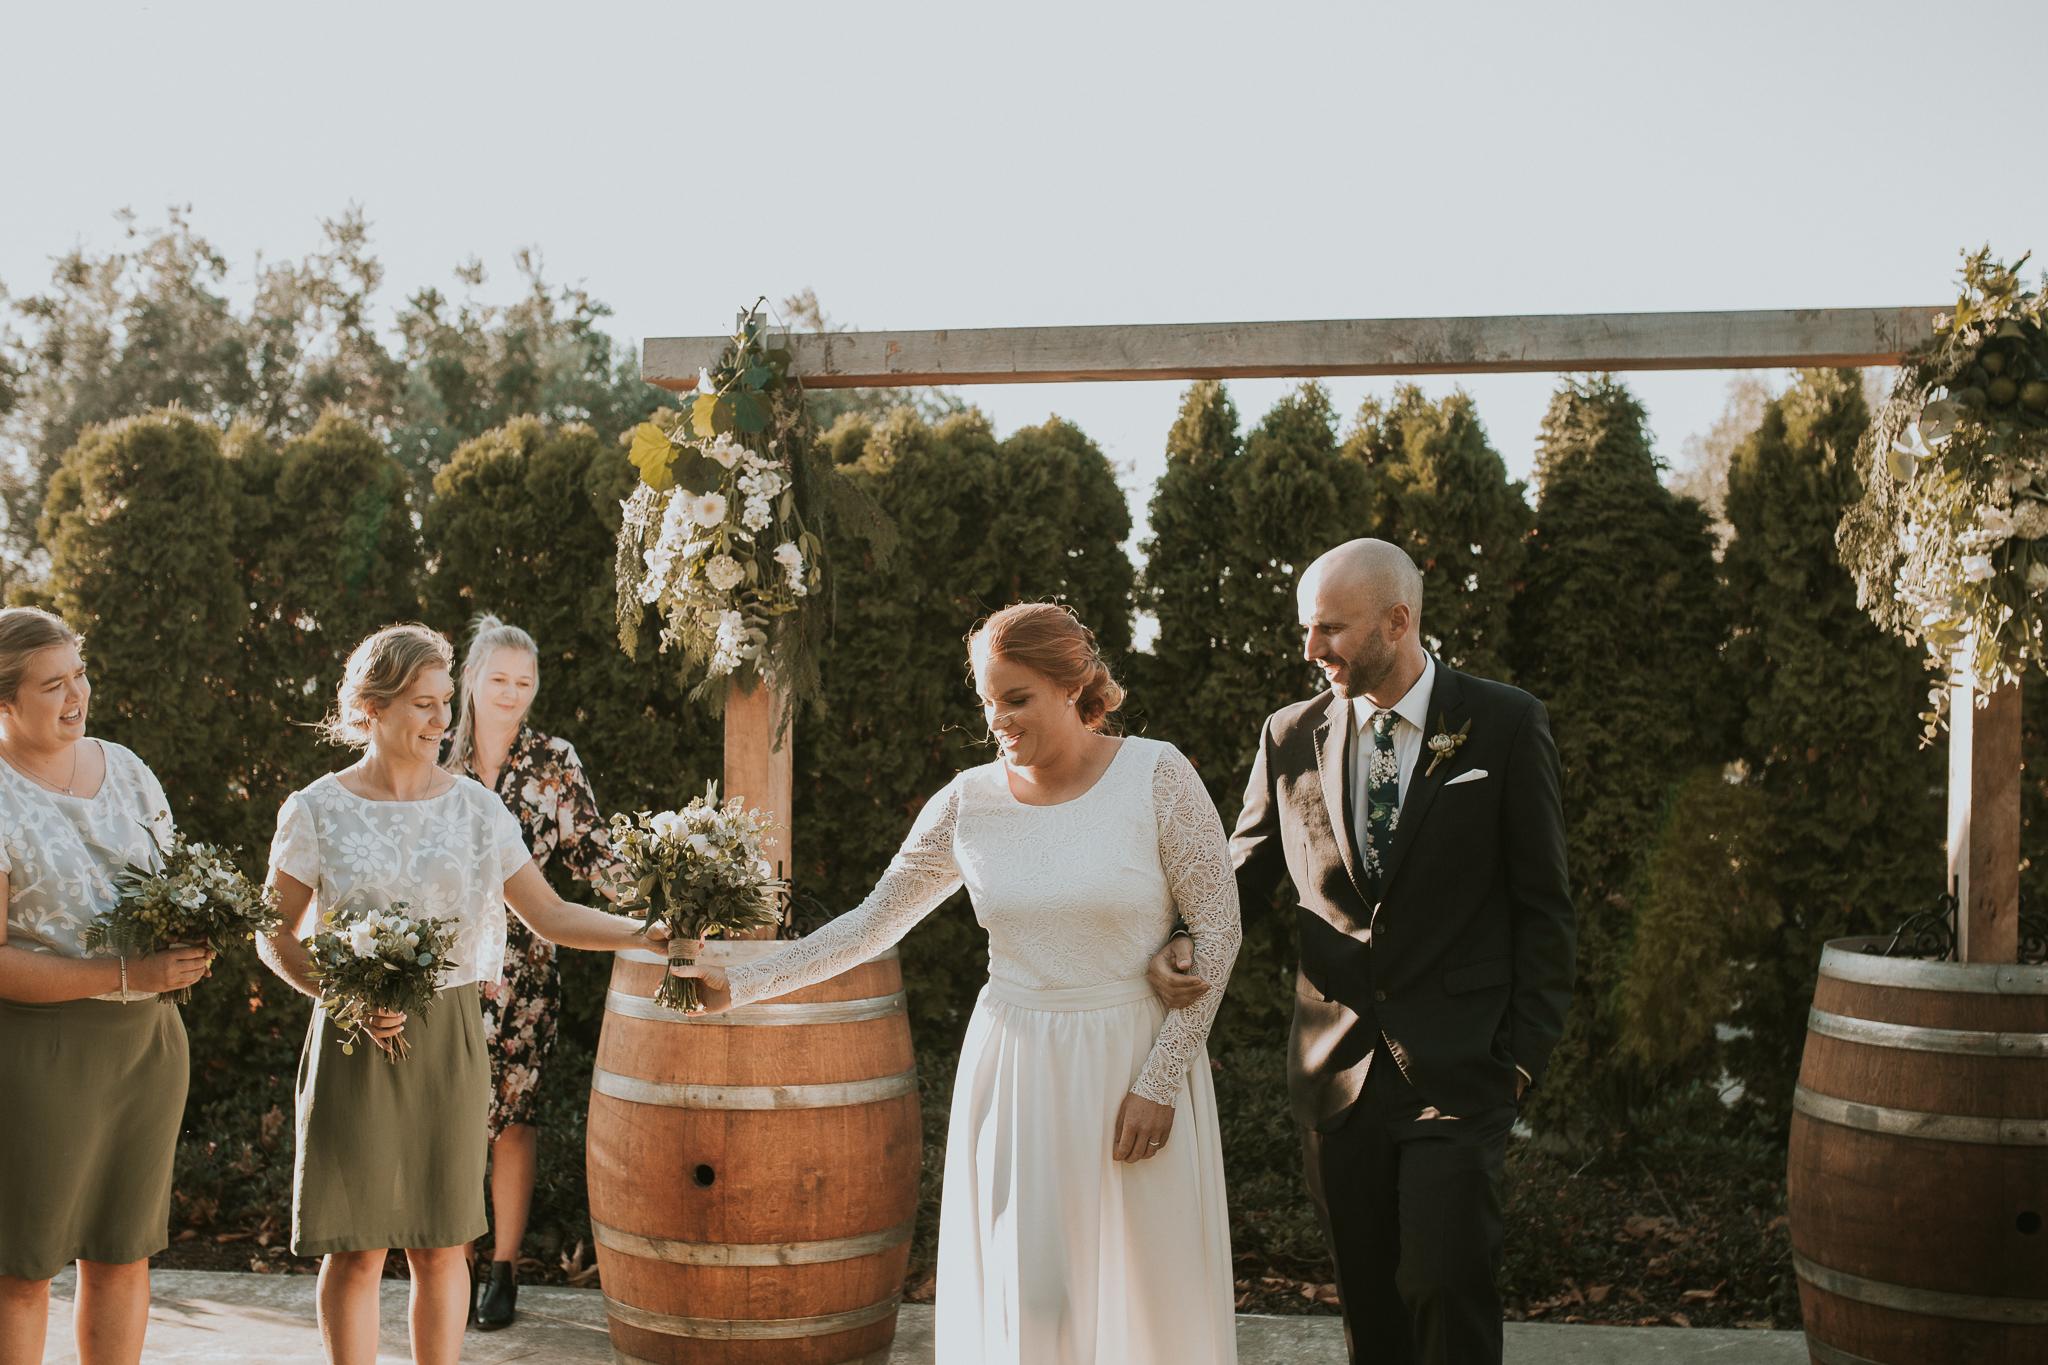 wedding photographer hawkes bay , Lisa Fisher Photography, Selini Winery Wedding -320.jpg